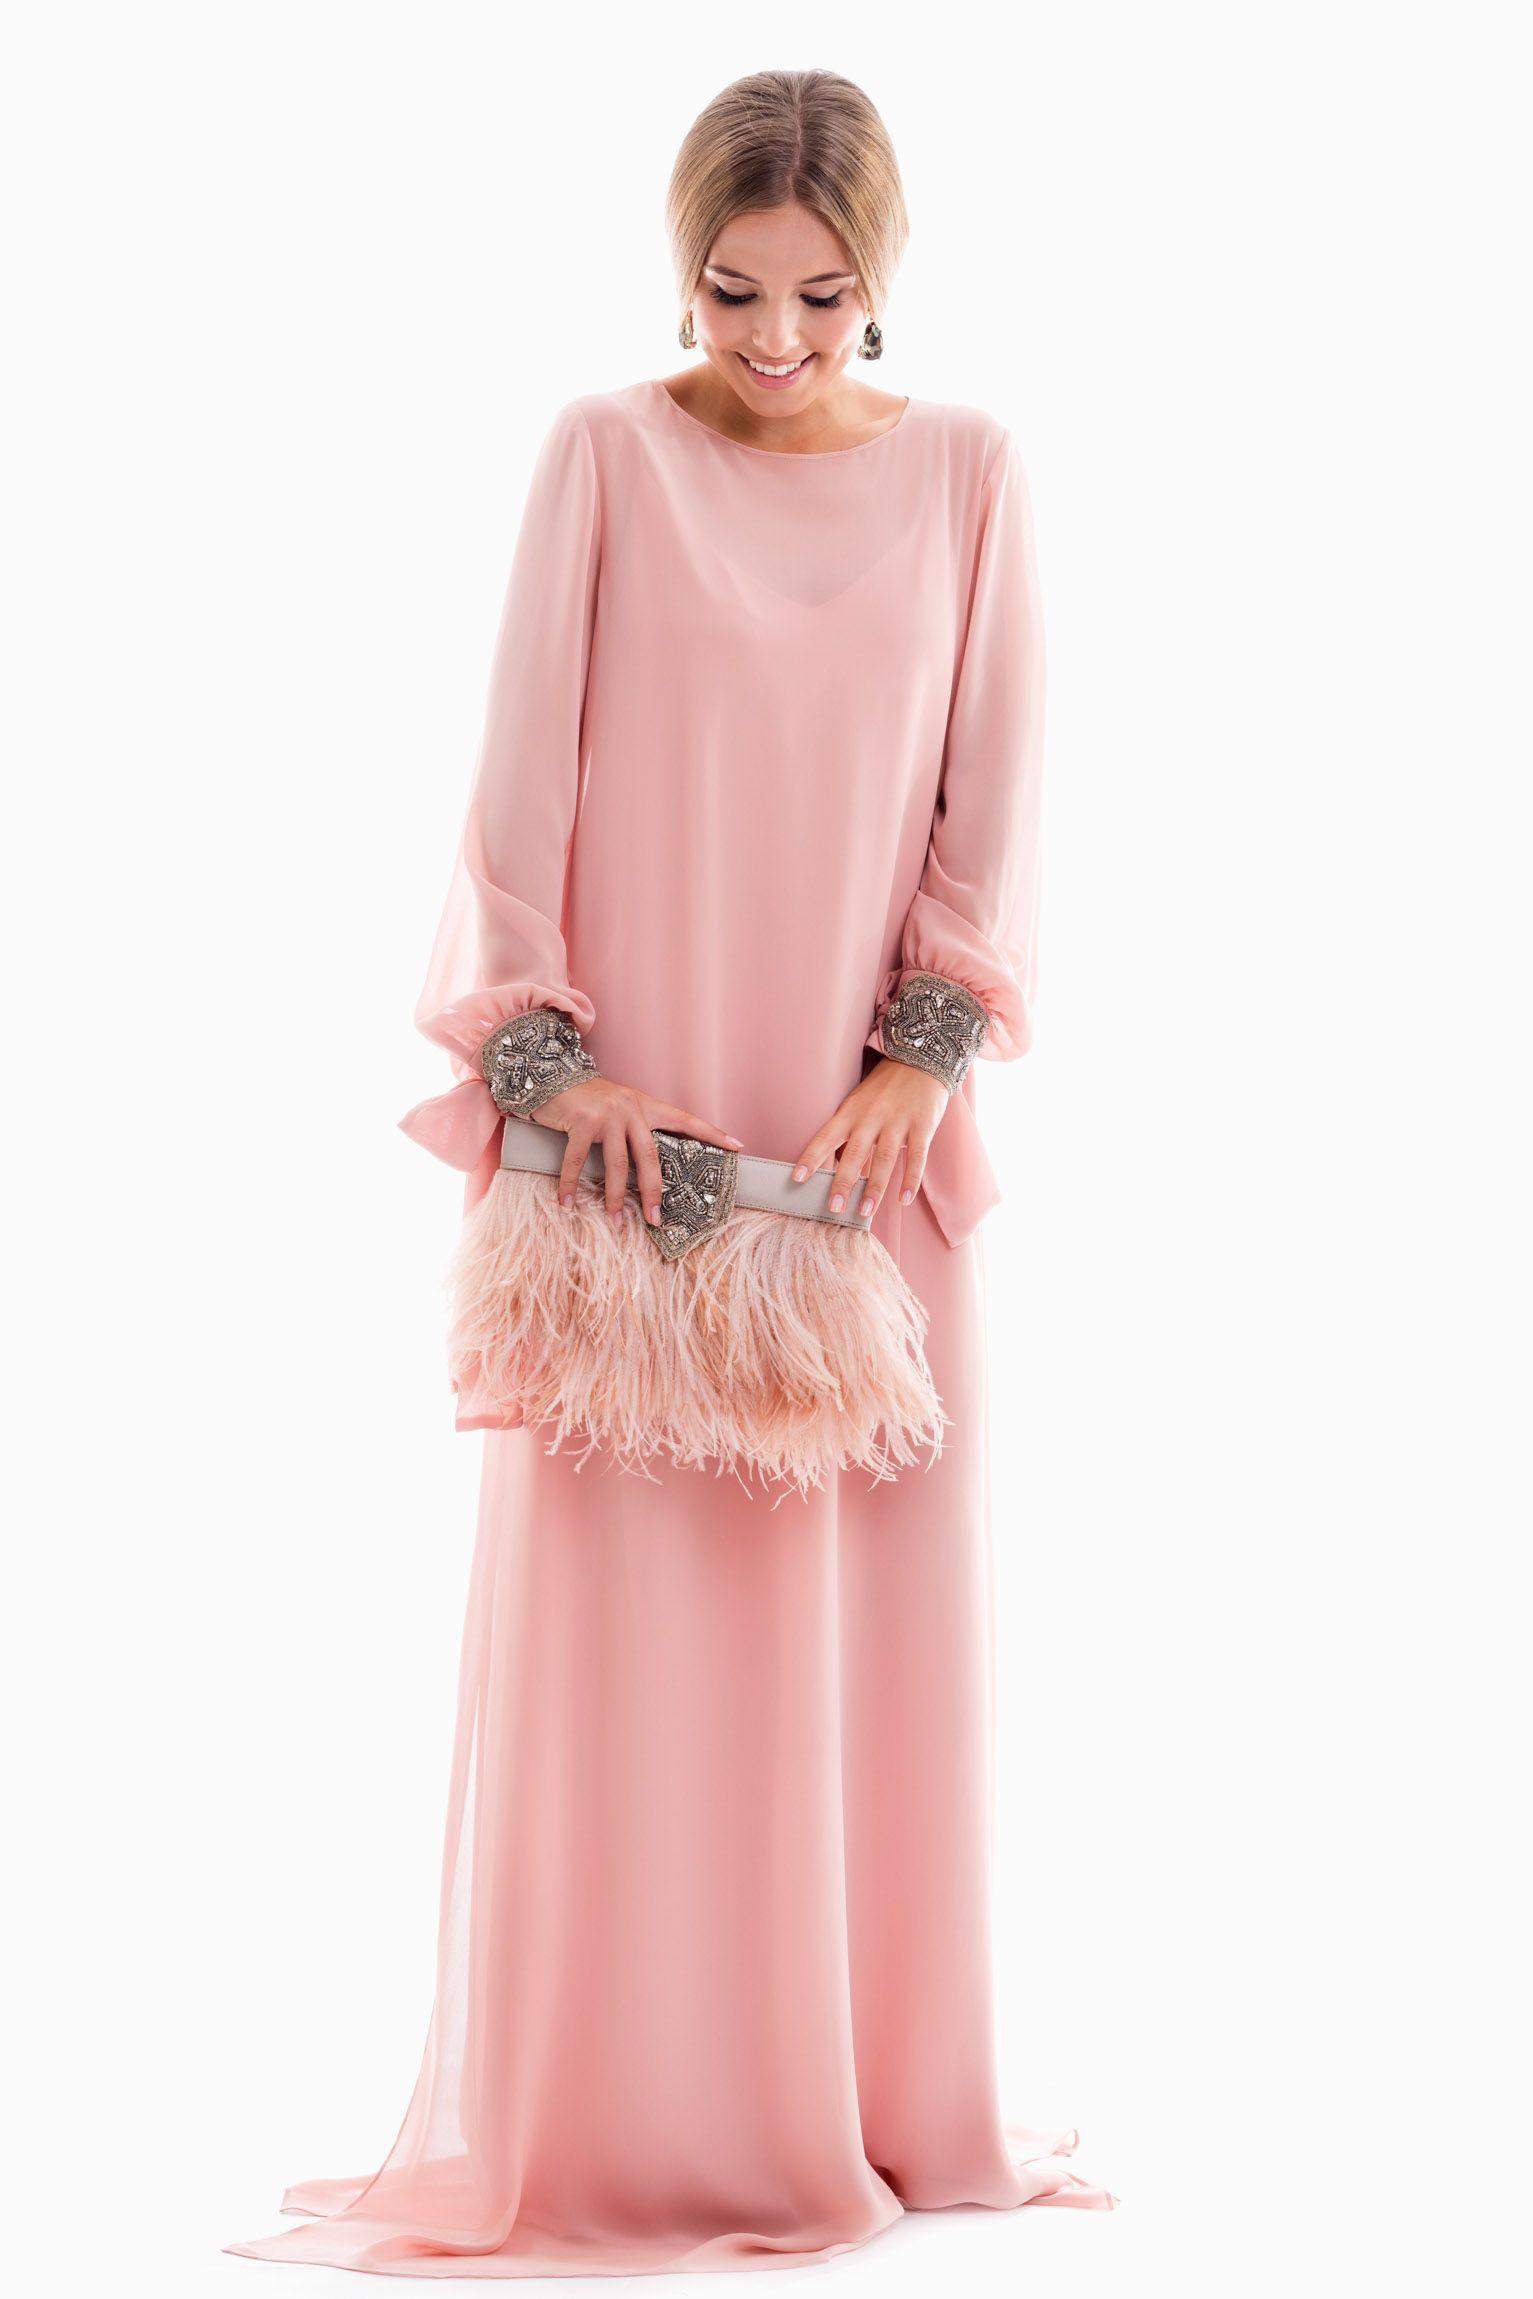 Pin de Eleni Ioannou en F - Gowns | Pinterest | Vestido sari, Boda ...